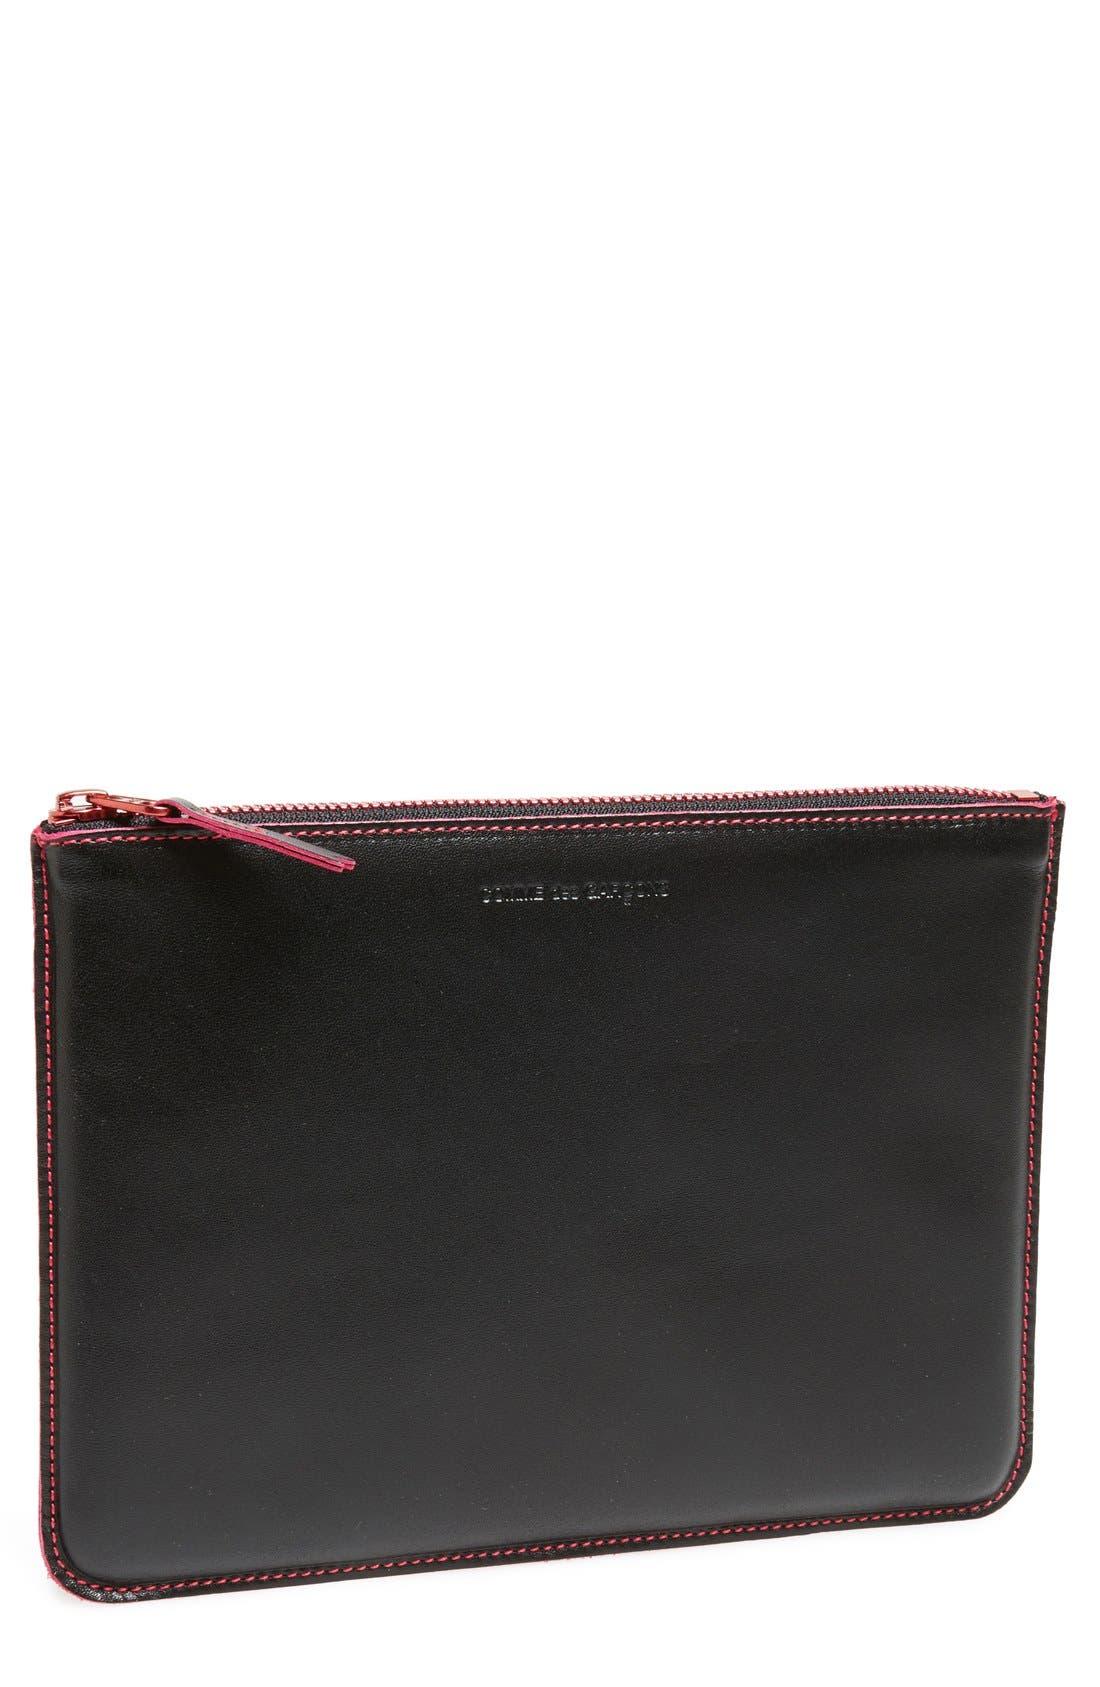 COMME DES GARÇONS Comme des Garcons 'Marvellous' Leather